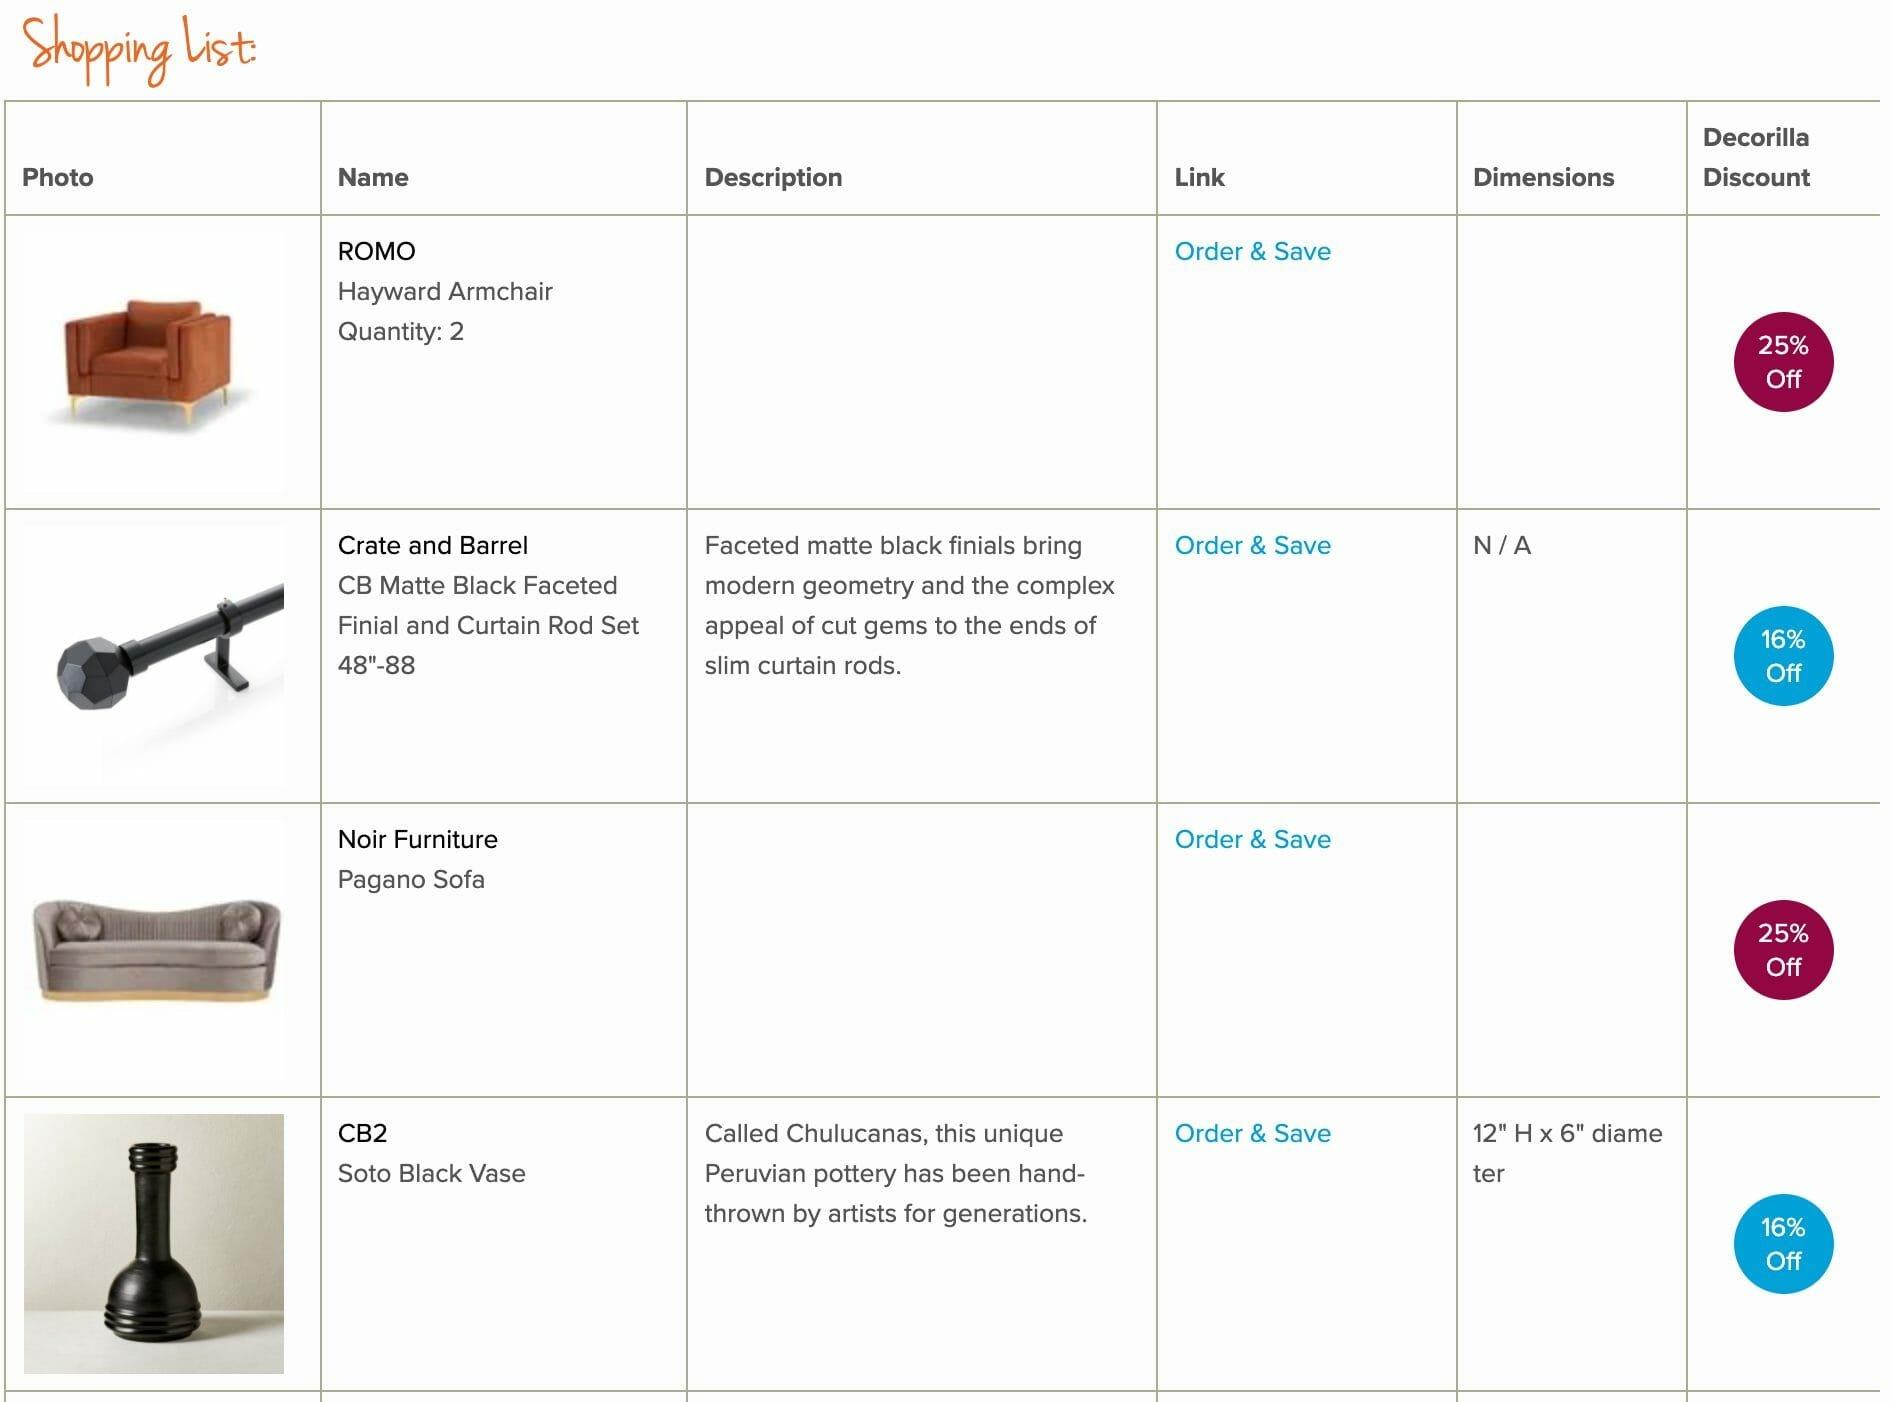 Online interior design shopping list for glam living room